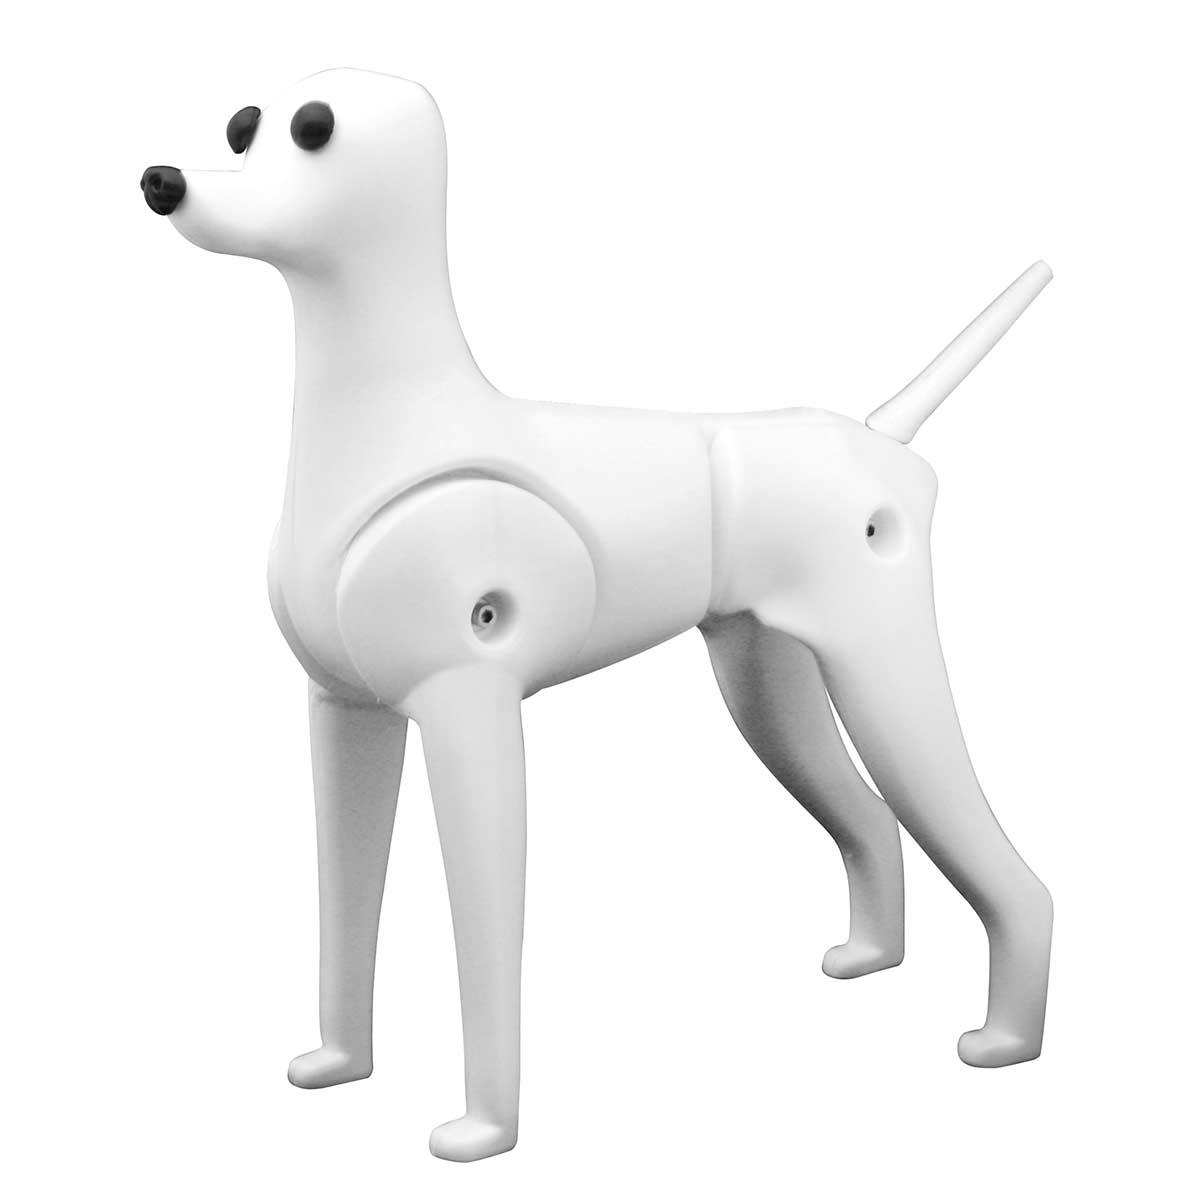 Left side of Groomers Toy Poodle Mannequin Model Dog